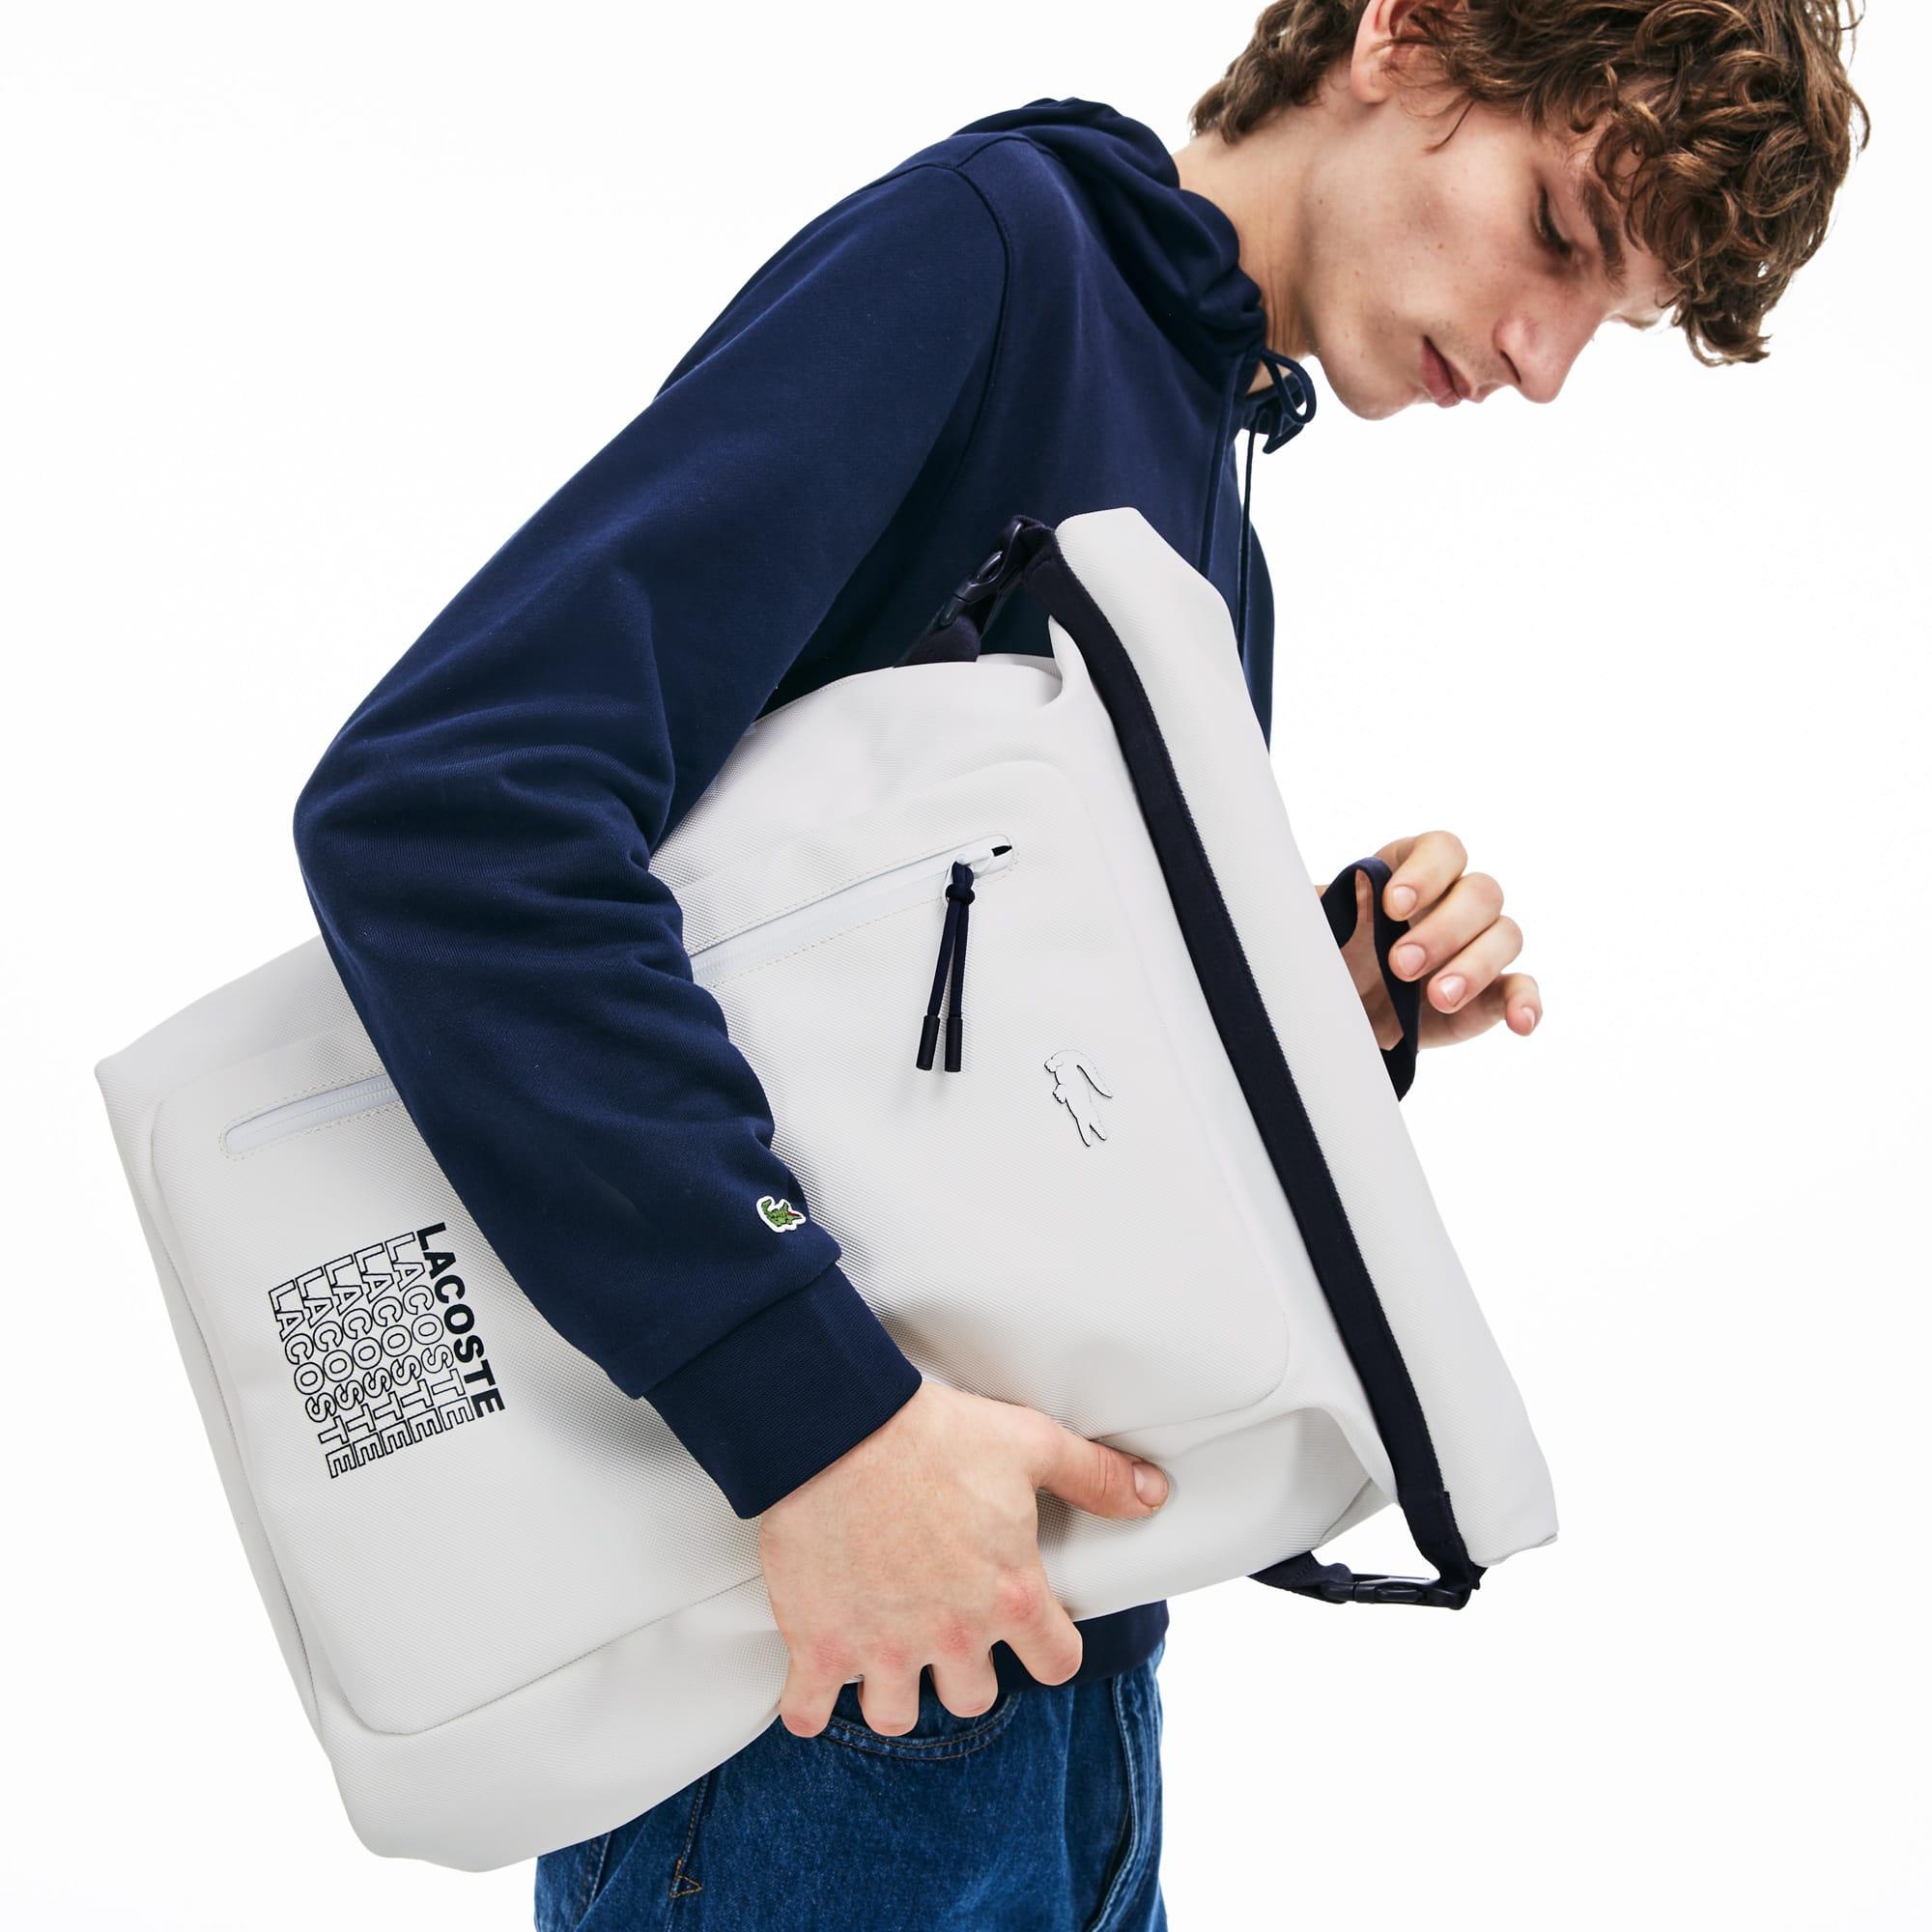 e31c622422 Men's L.12.12 Concept Backpack in White Peacoat